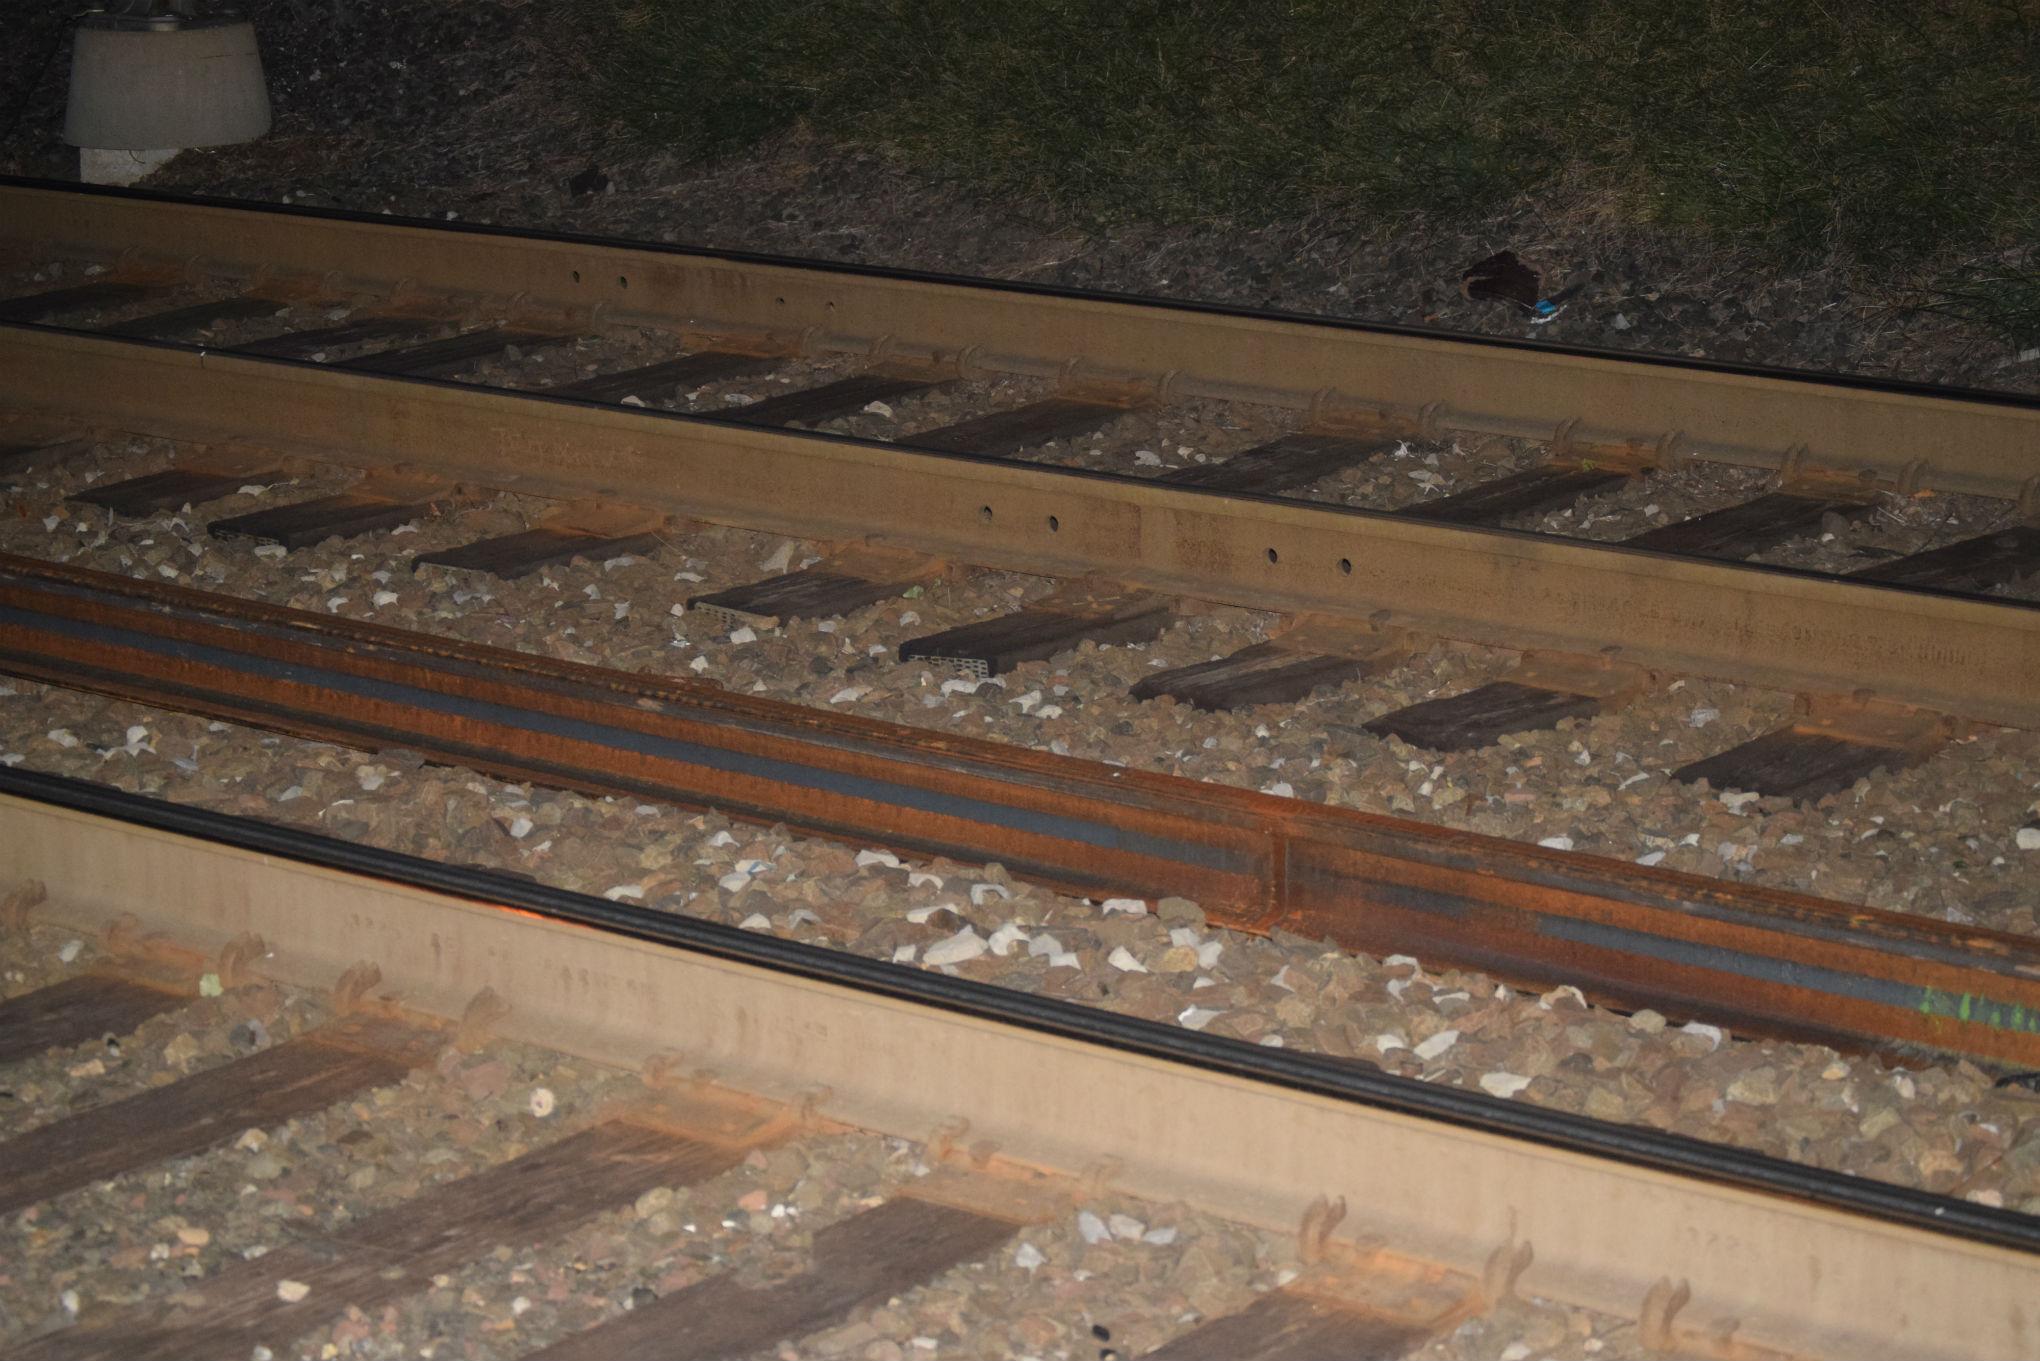 605dfefe9974f1acff69_walnut_street_train_tracks.jpg